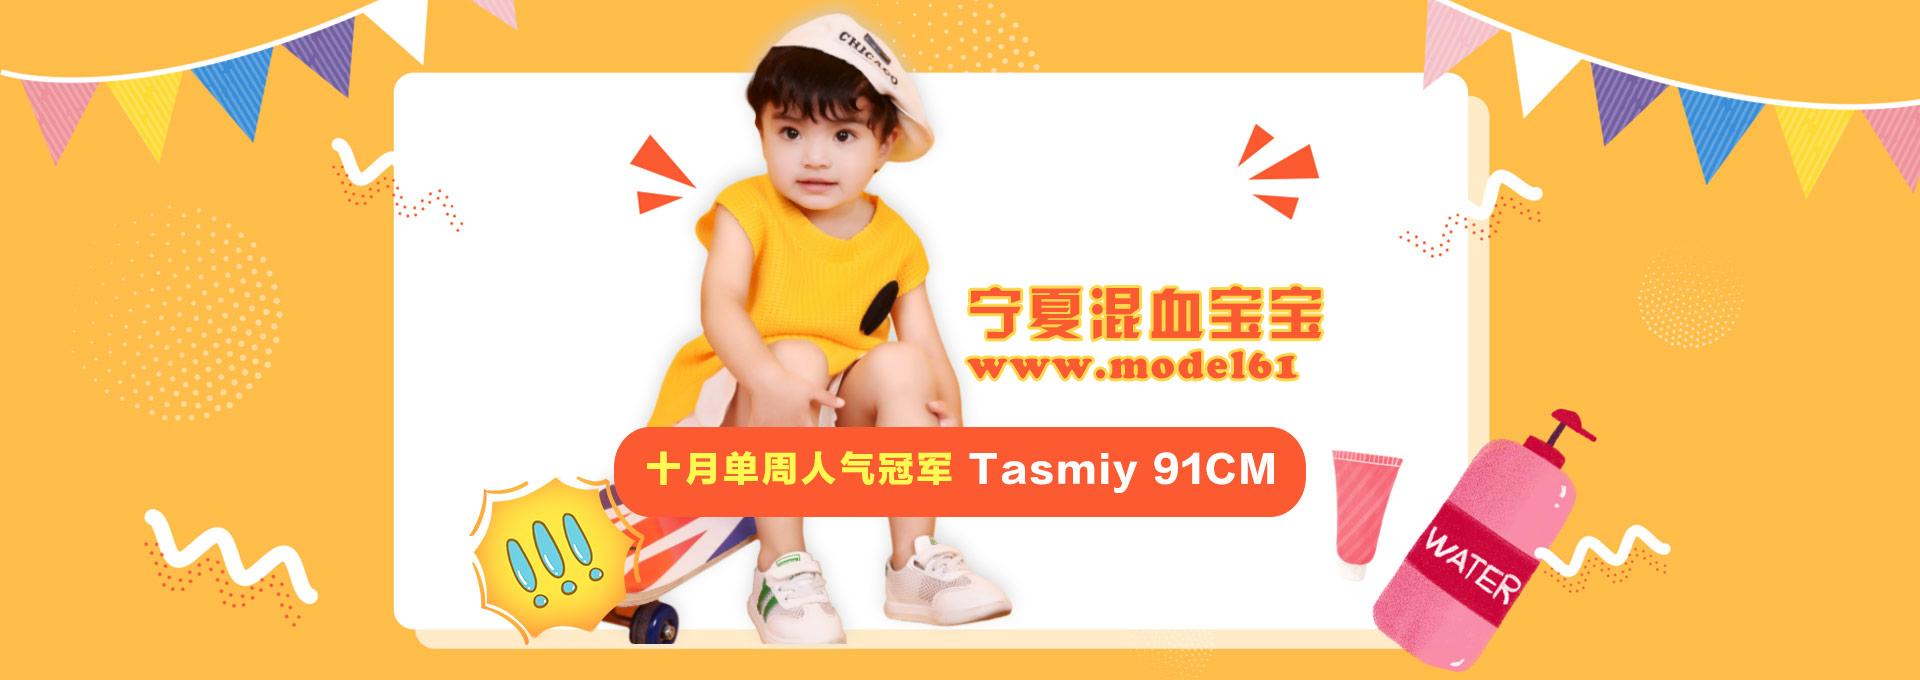 人气童模tasmiy_宝贝模特网